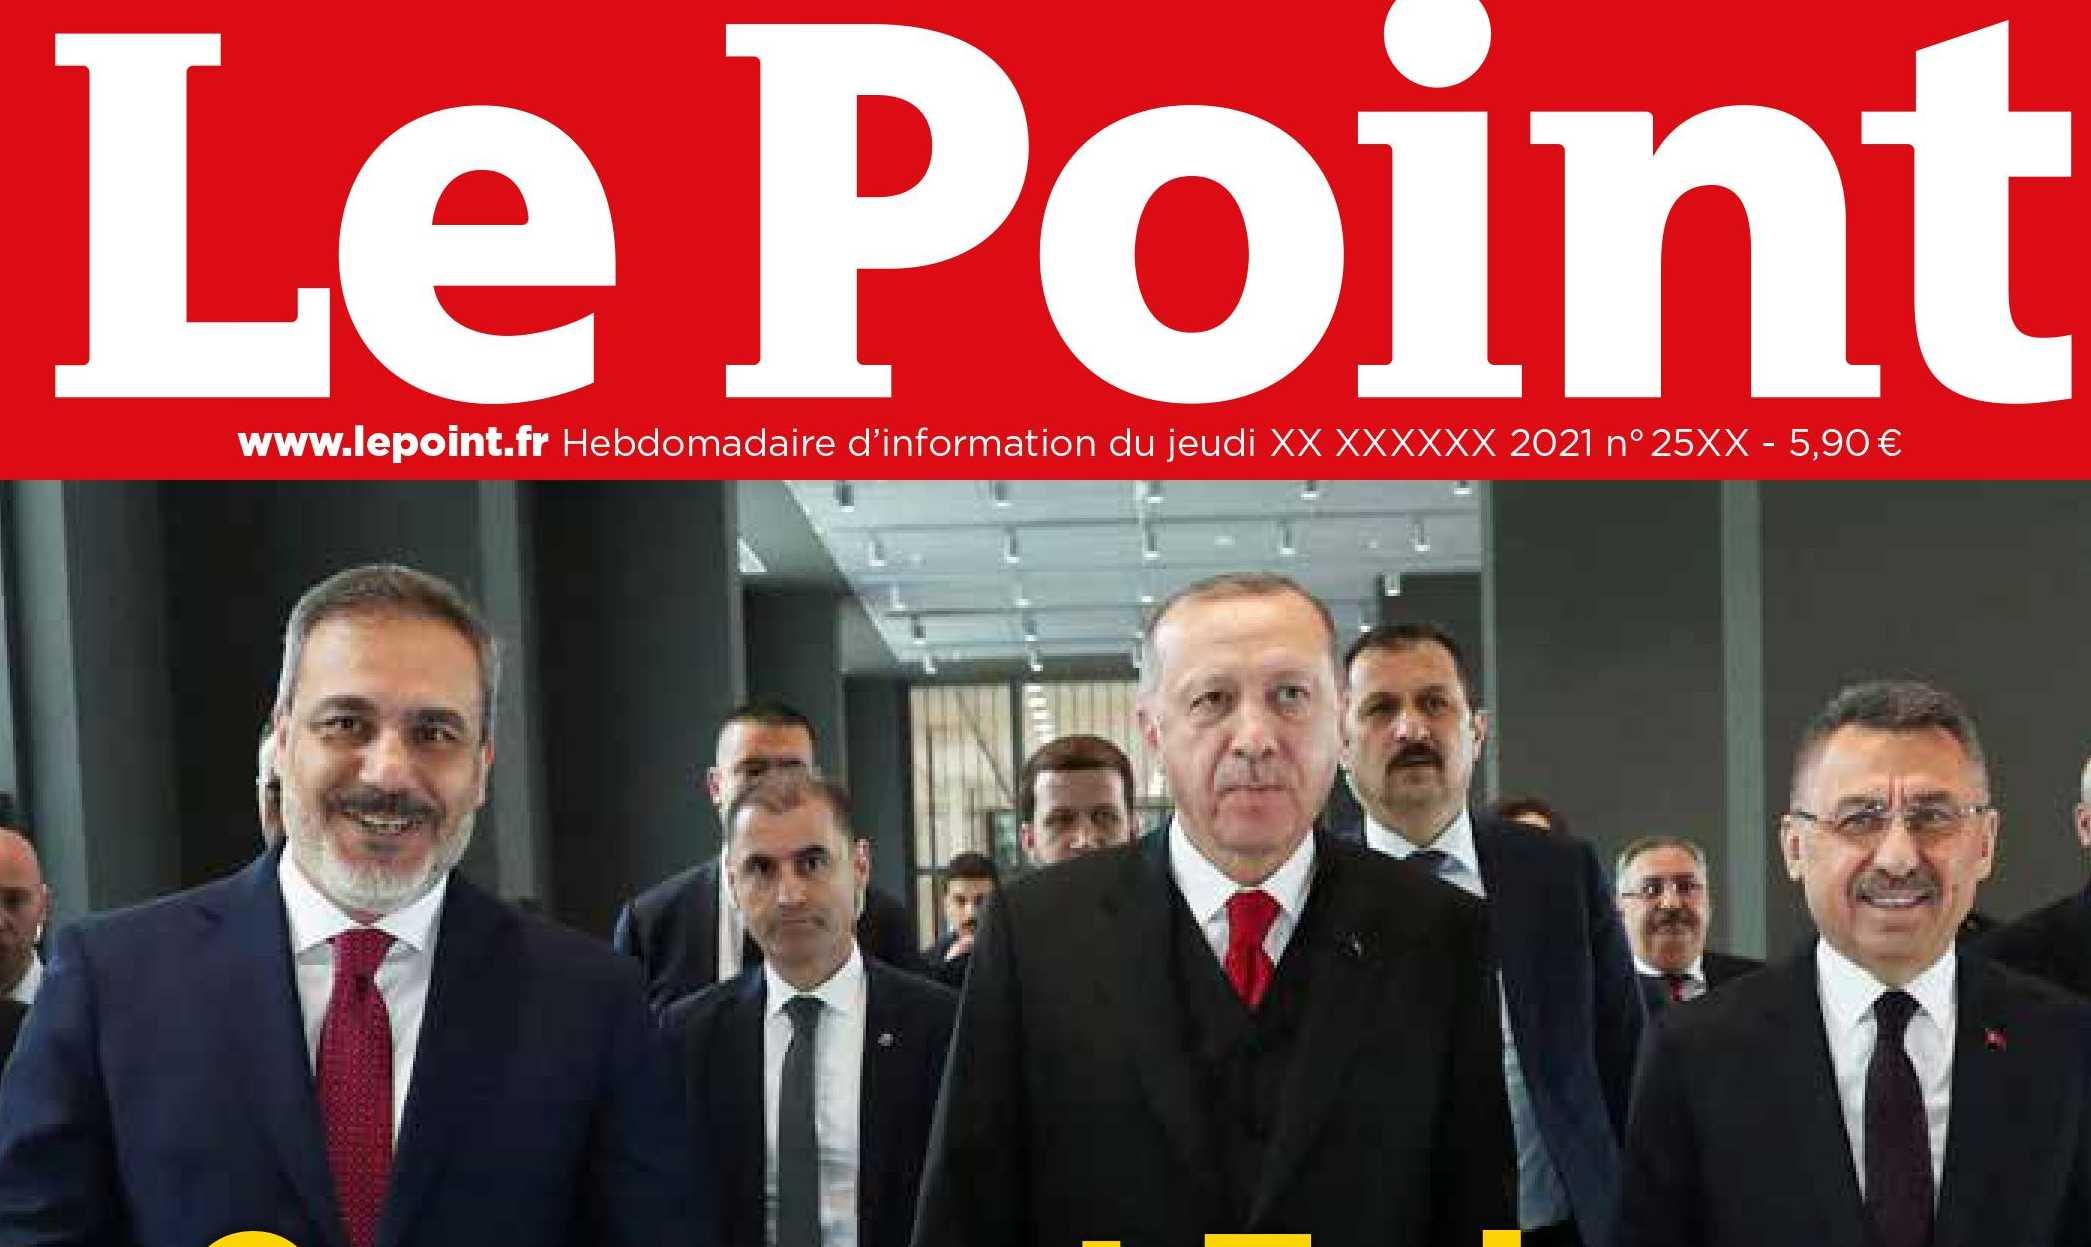 """Το γαλλικό """"Le Point"""" σκίζει τον Ερντογάν και τις τουρκικές μυστικές υπηρεσίες!"""